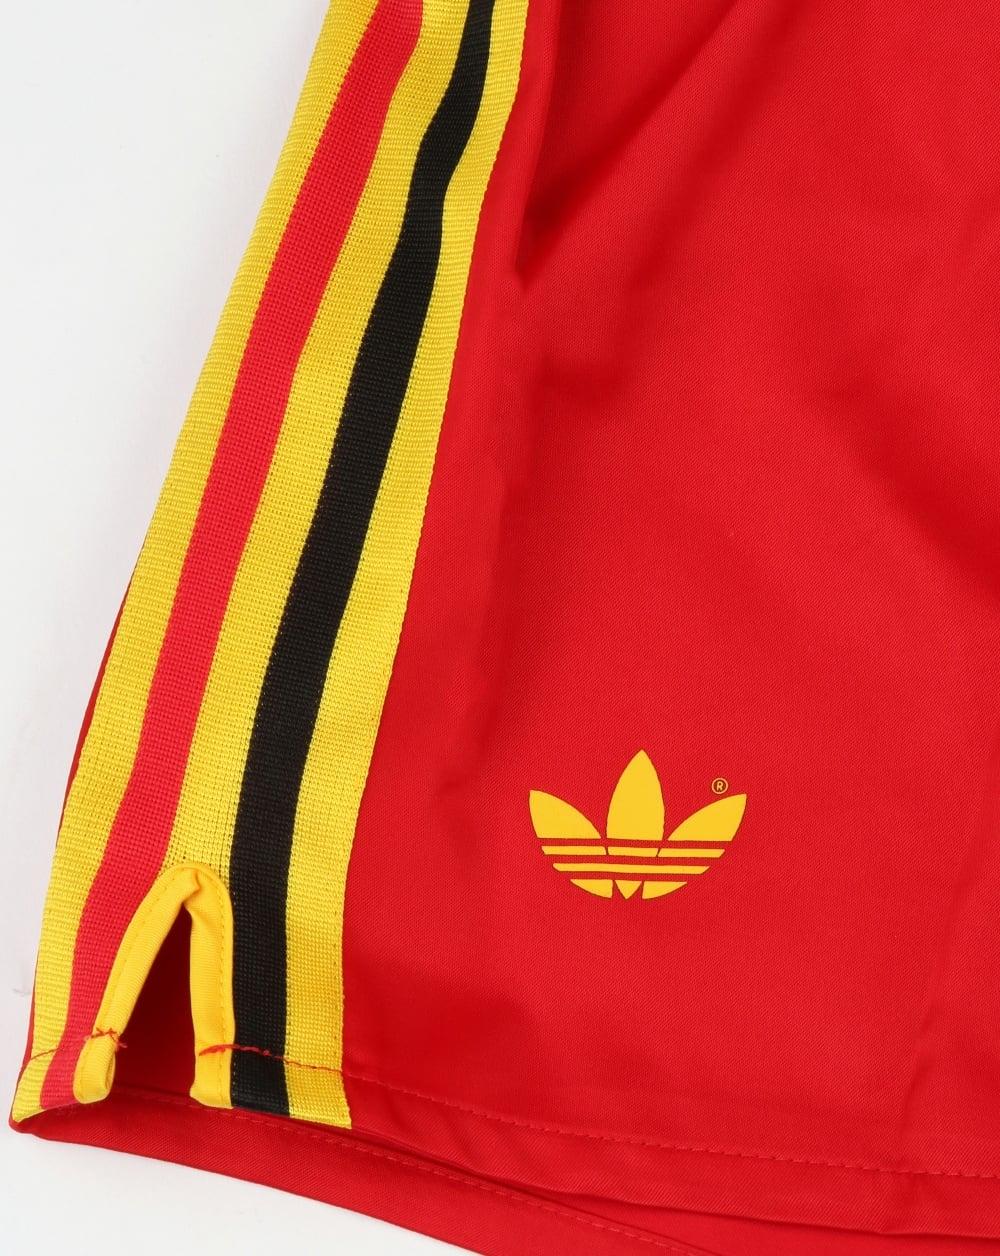 50220a19a Adidas Originals Belgium Shorts Victory Red